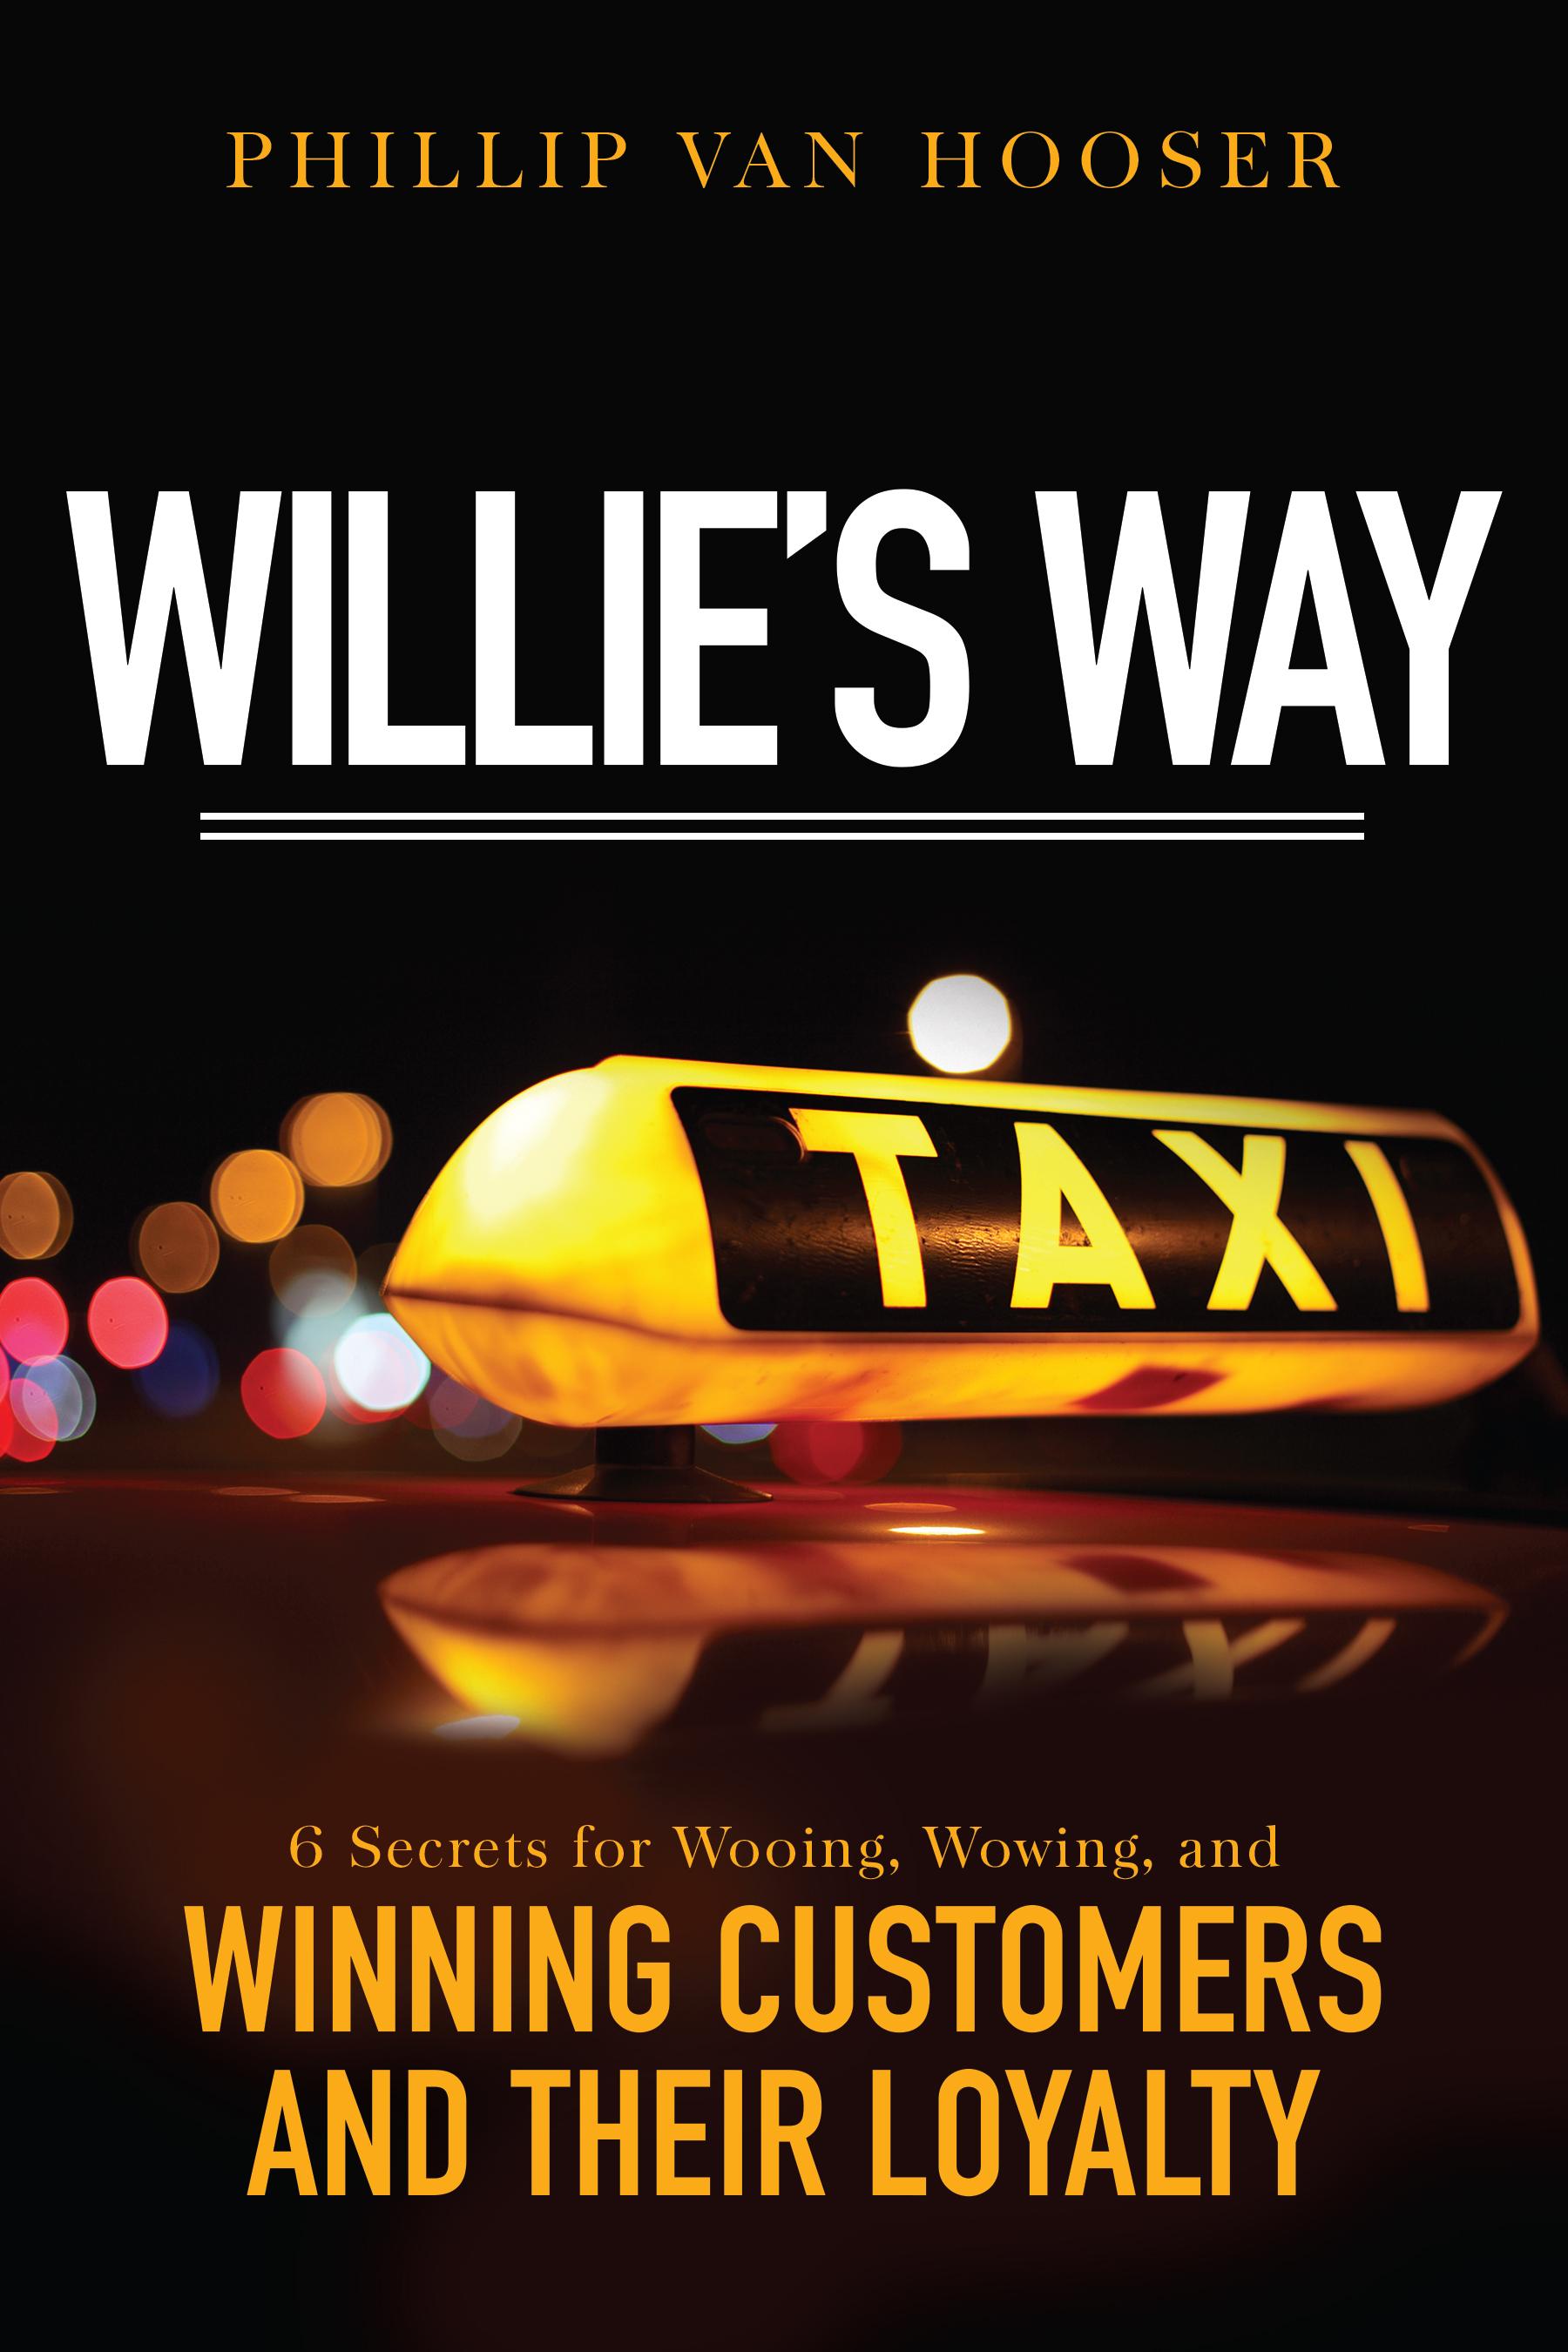 Willie's Way - By Phillip Van Hooser